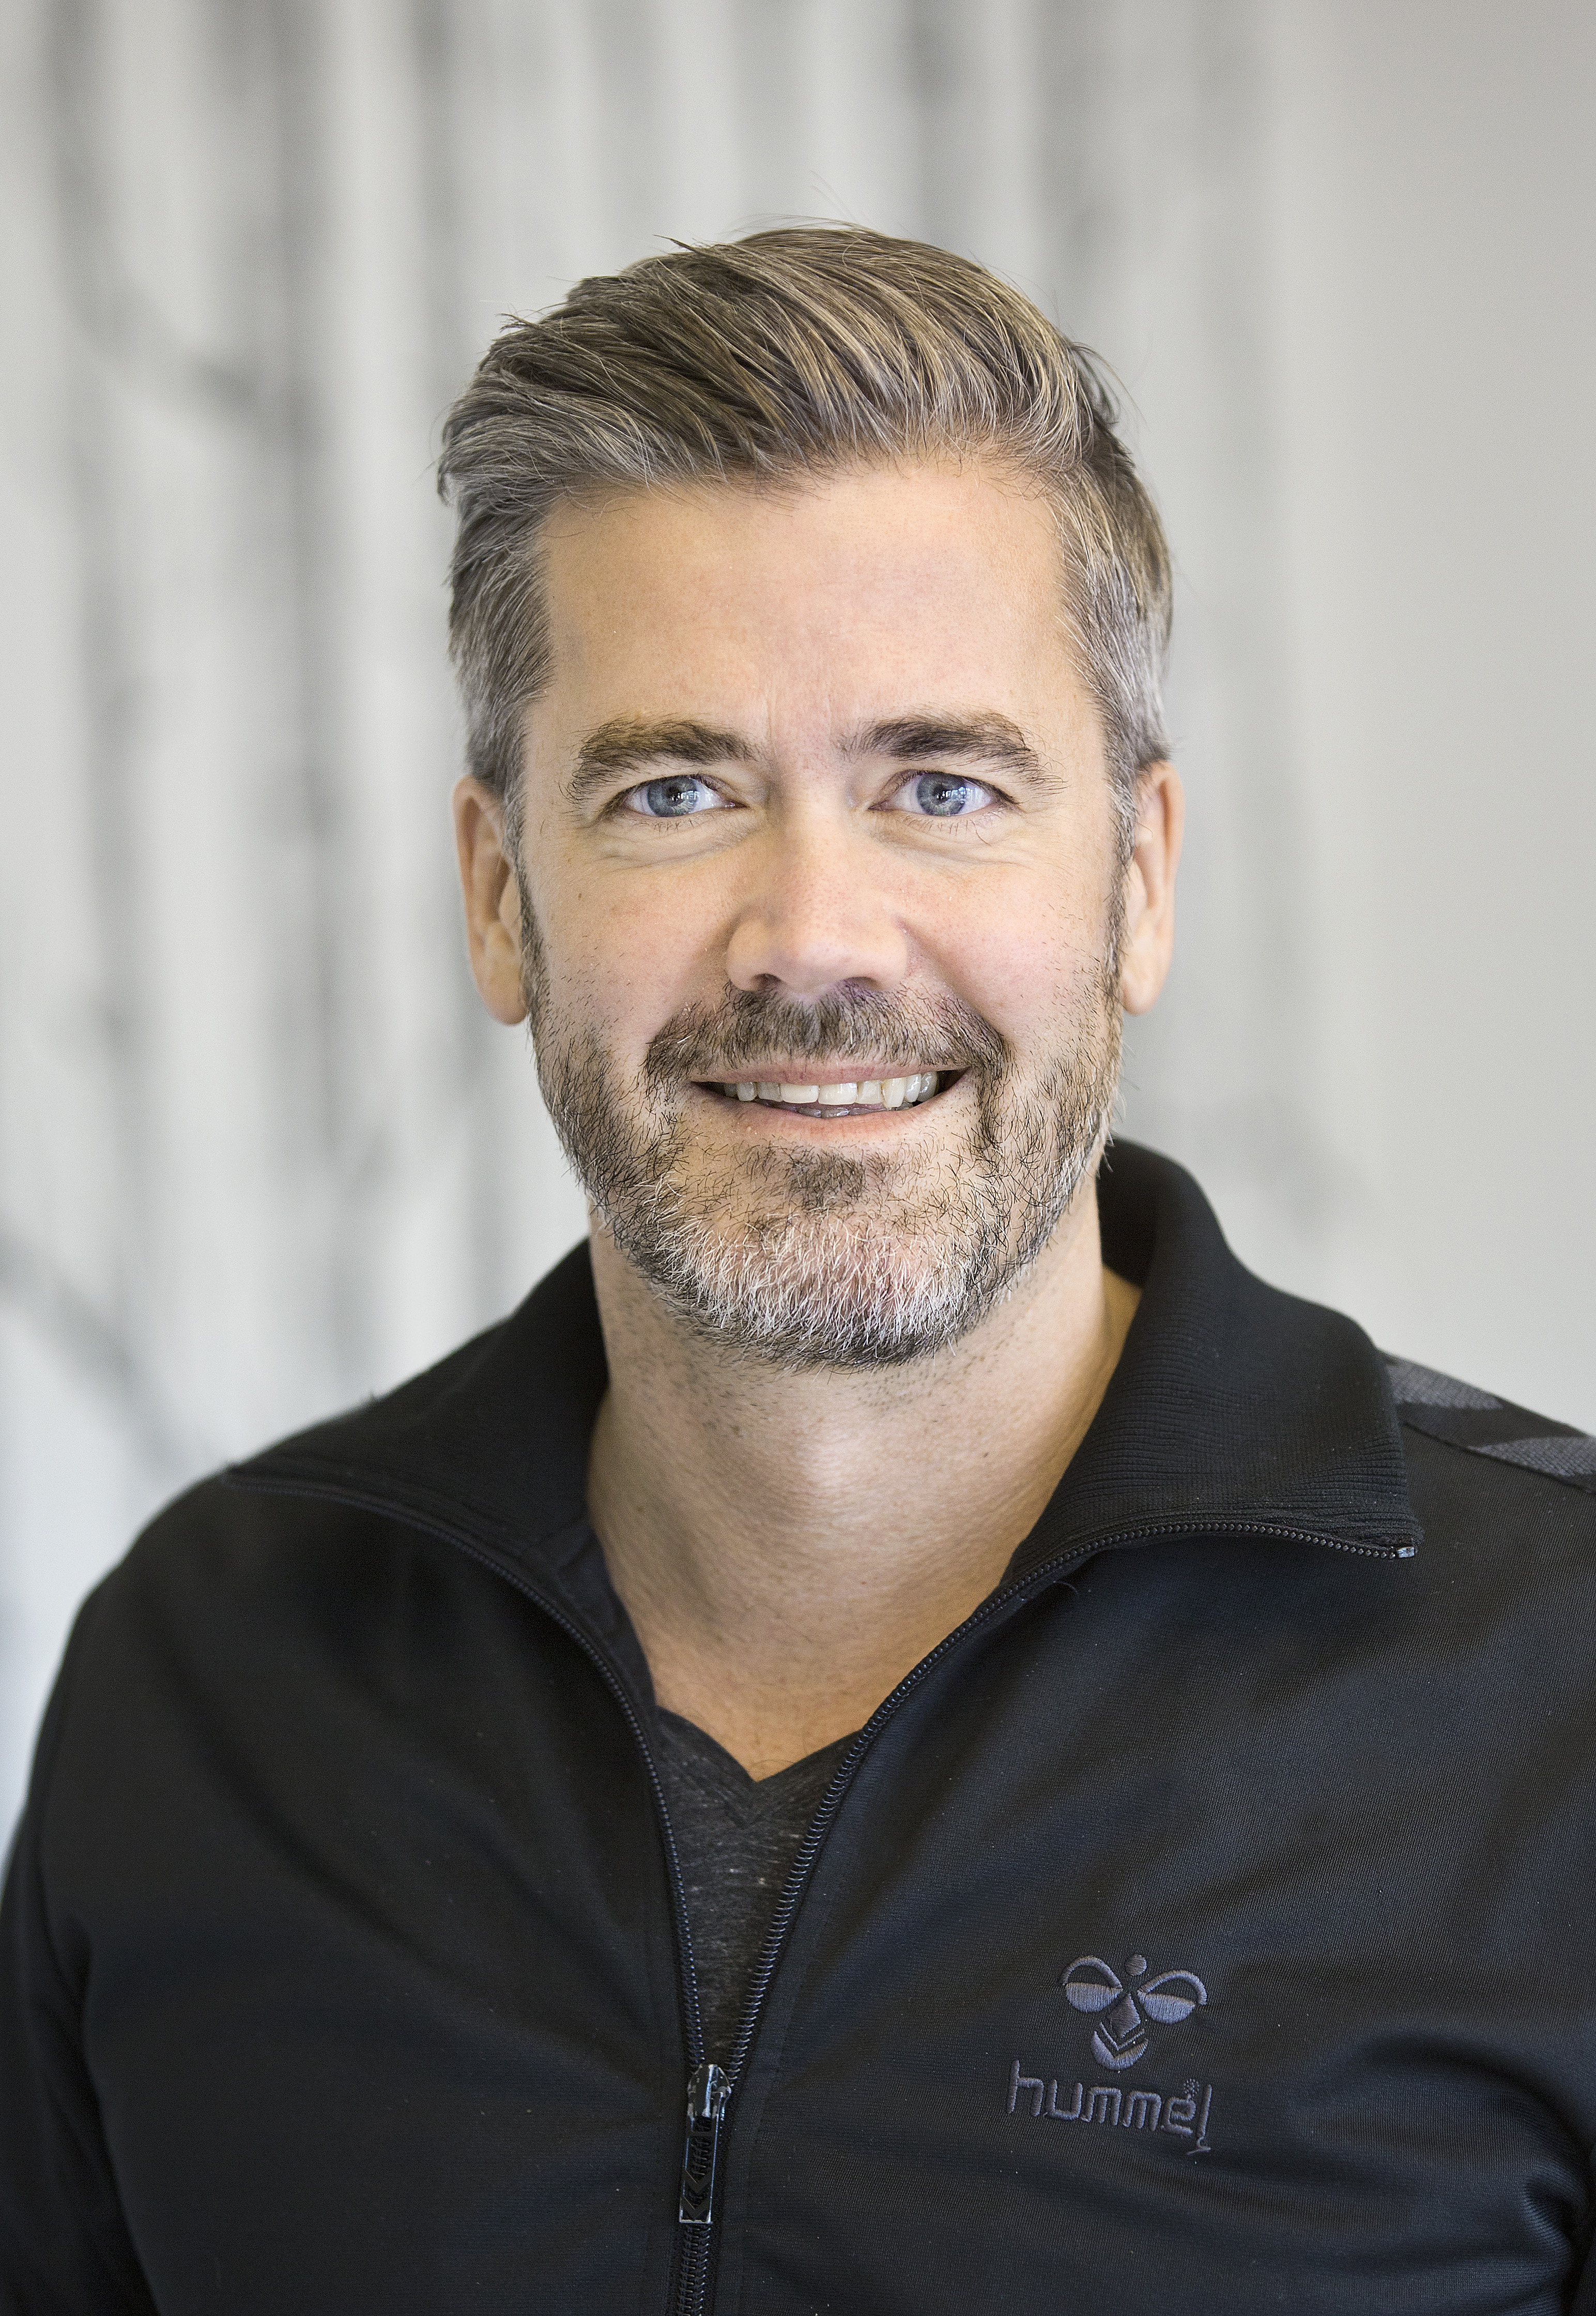 Håkan Stridfeldt